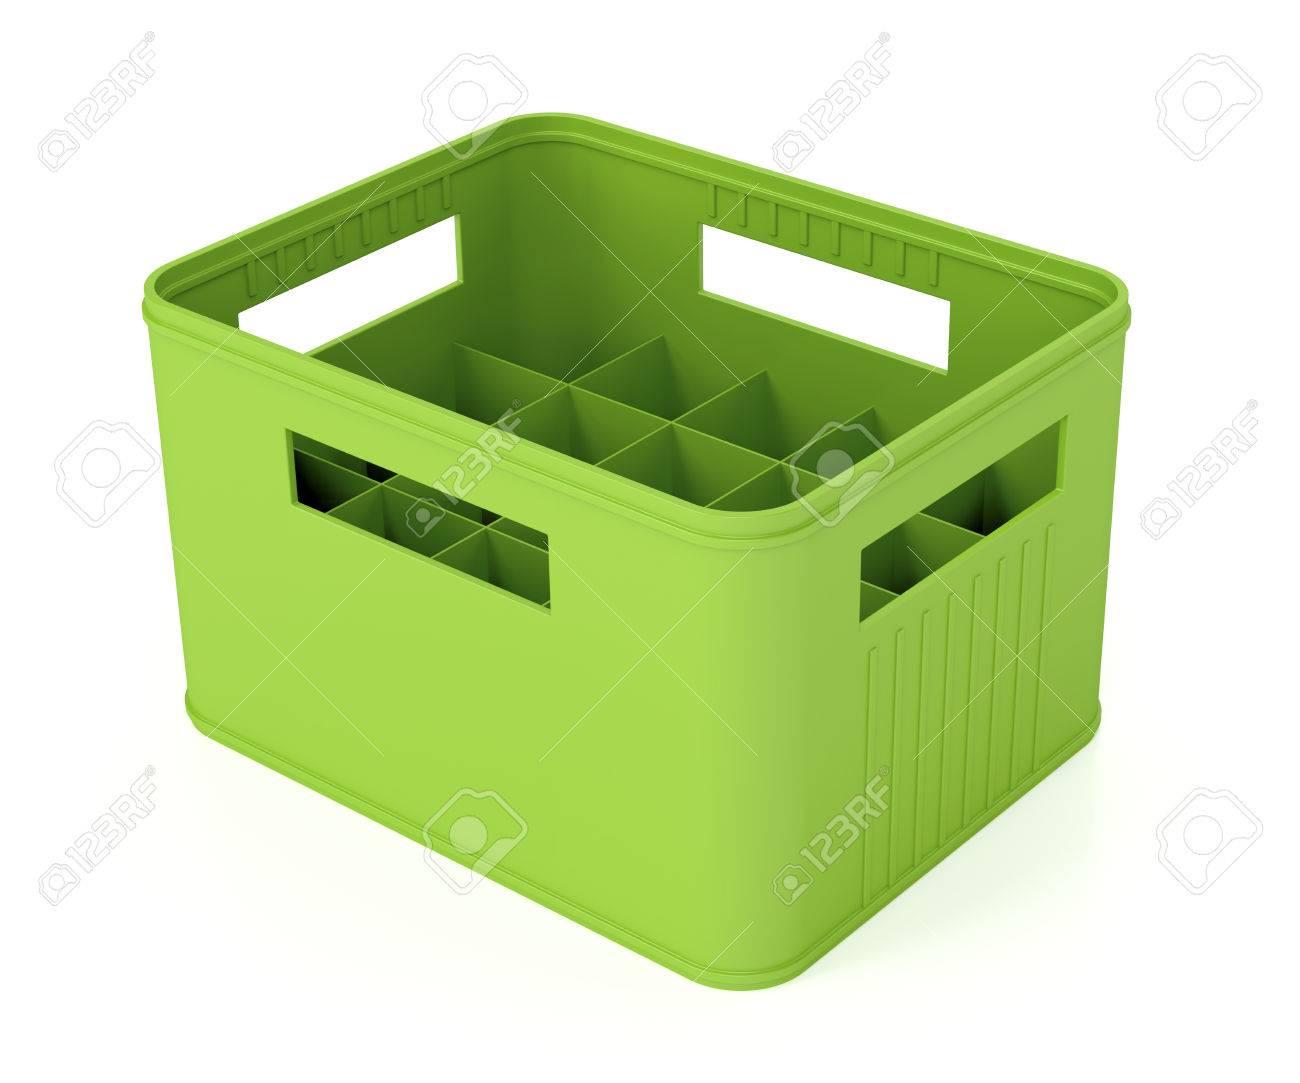 banque dimages vert de la bire en plastique caisse sur fond blanc - Caisse Biere Plastique